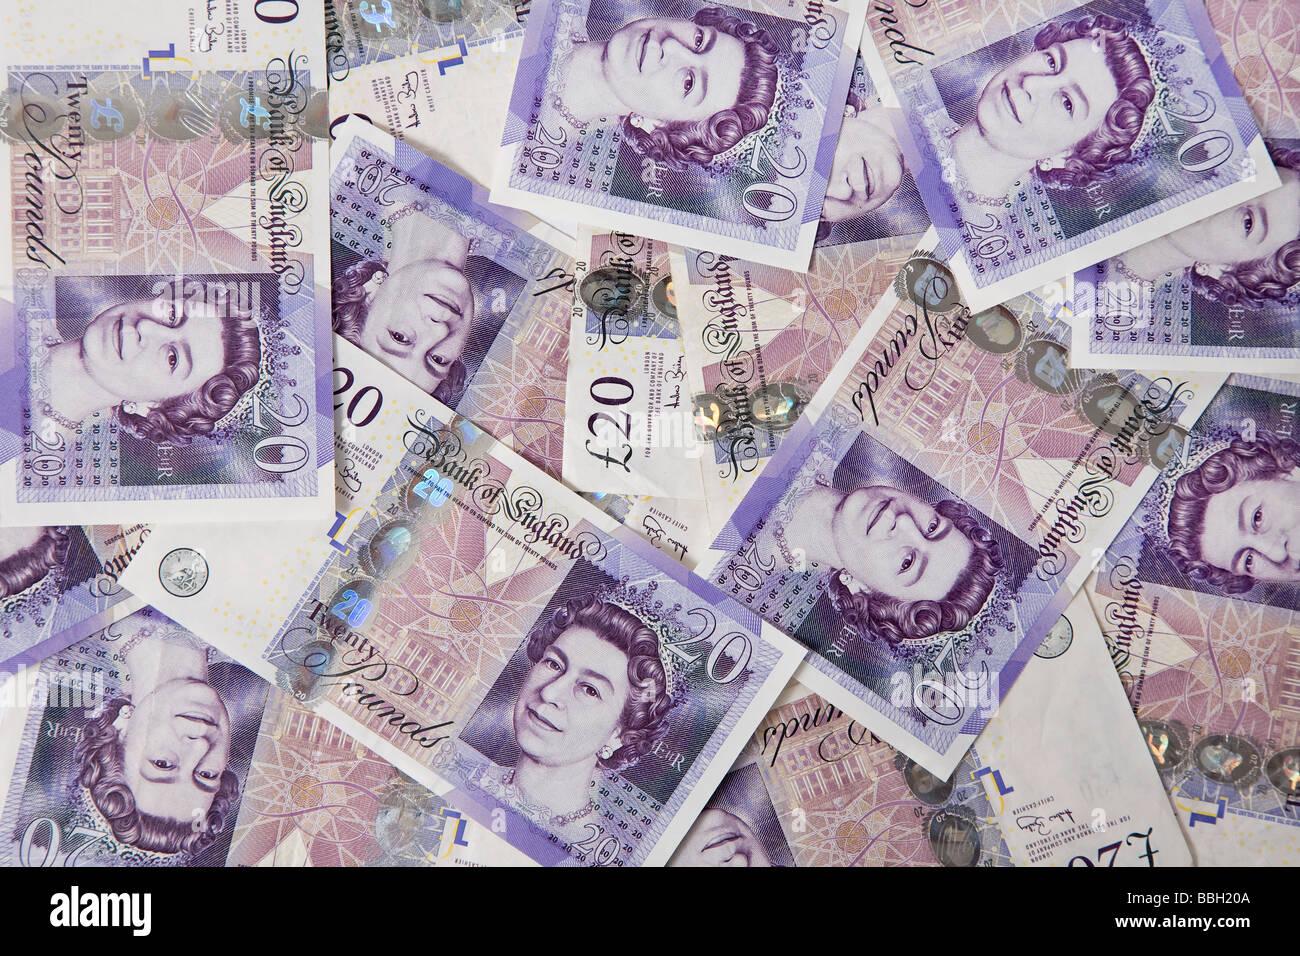 """""""zwanzig Pfund"""" Hinweis """"zwanzig Pfund"""" Notizen Geld Sterling Währung Bundle stack Stockbild"""